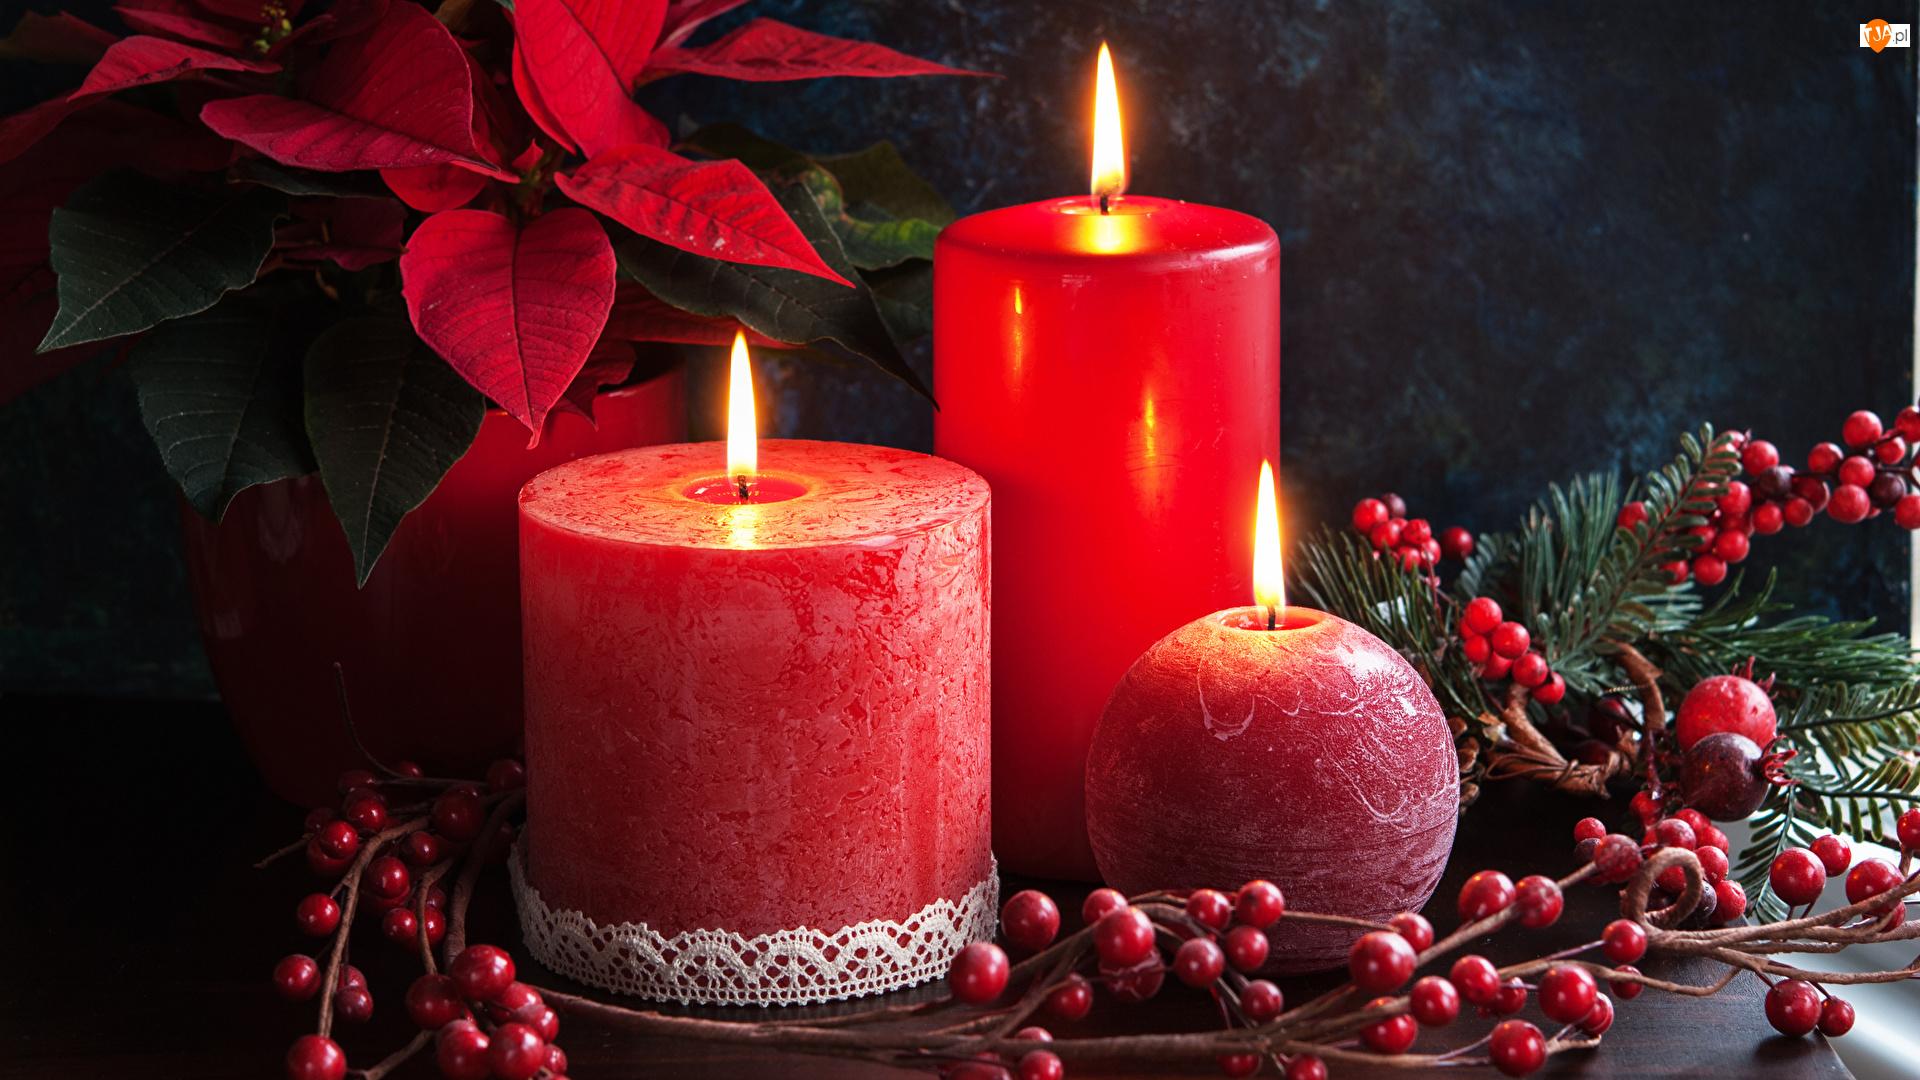 Świece, Kompozycja, Czerwone, Trzy, Świąteczna